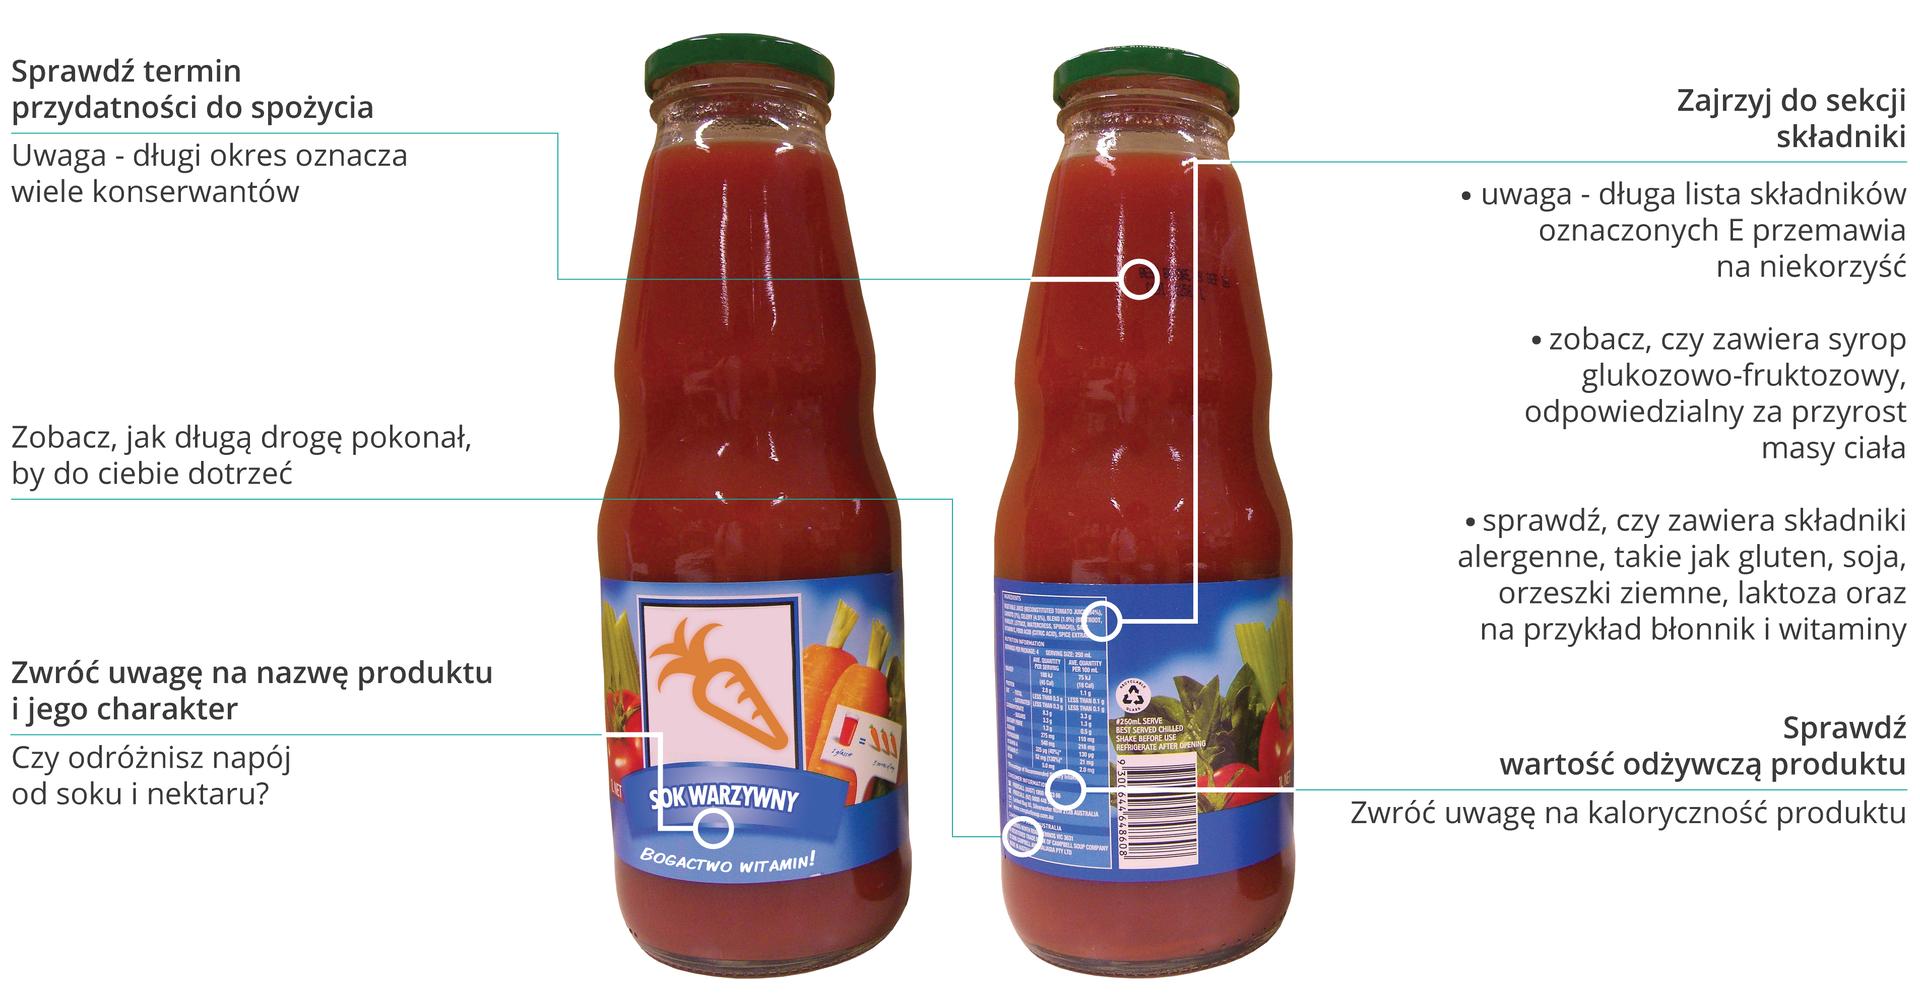 Ilustracja przedstawia 2 butelki soku zetykietami oraz wskazówkami, jak czytać etykiety.